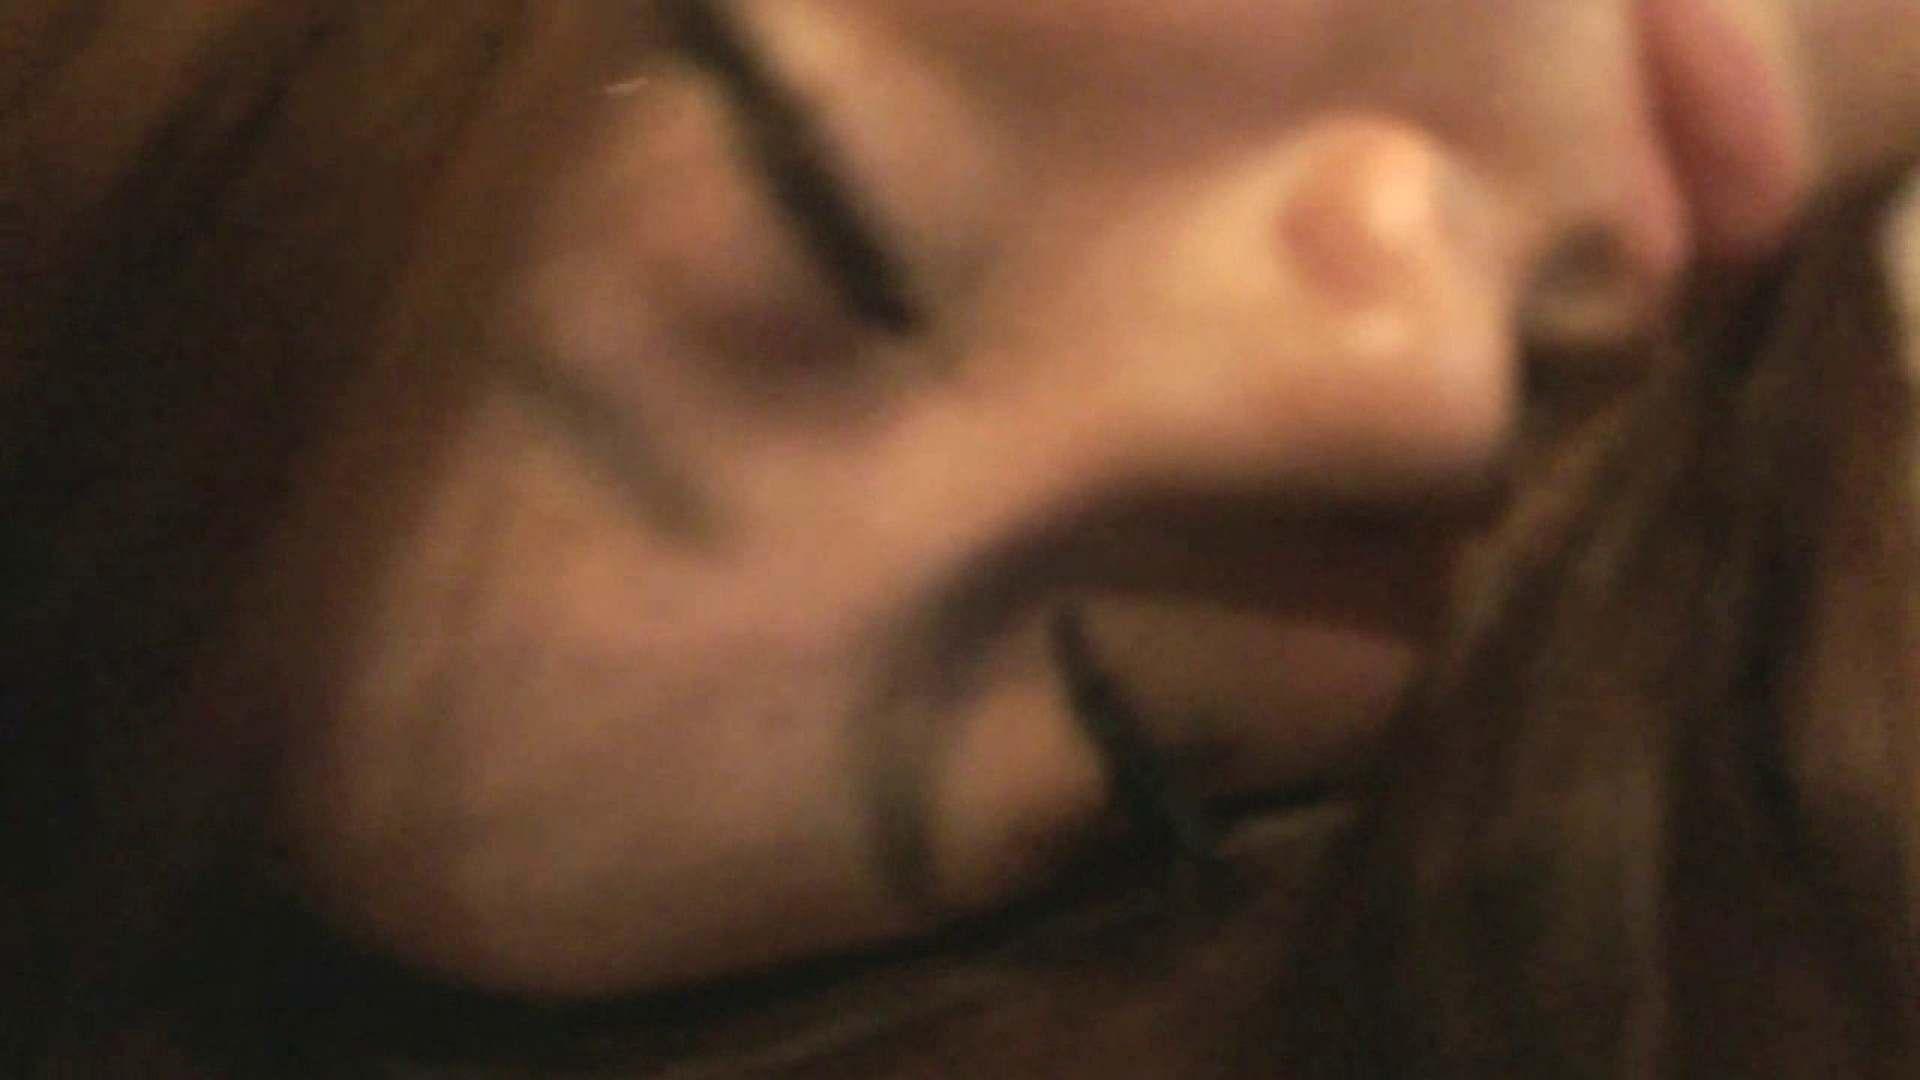 魔術師の お・も・て・な・し vol.10 19歳女子大生にカラオケでイタズラ 萌え女子大生  79連発 51